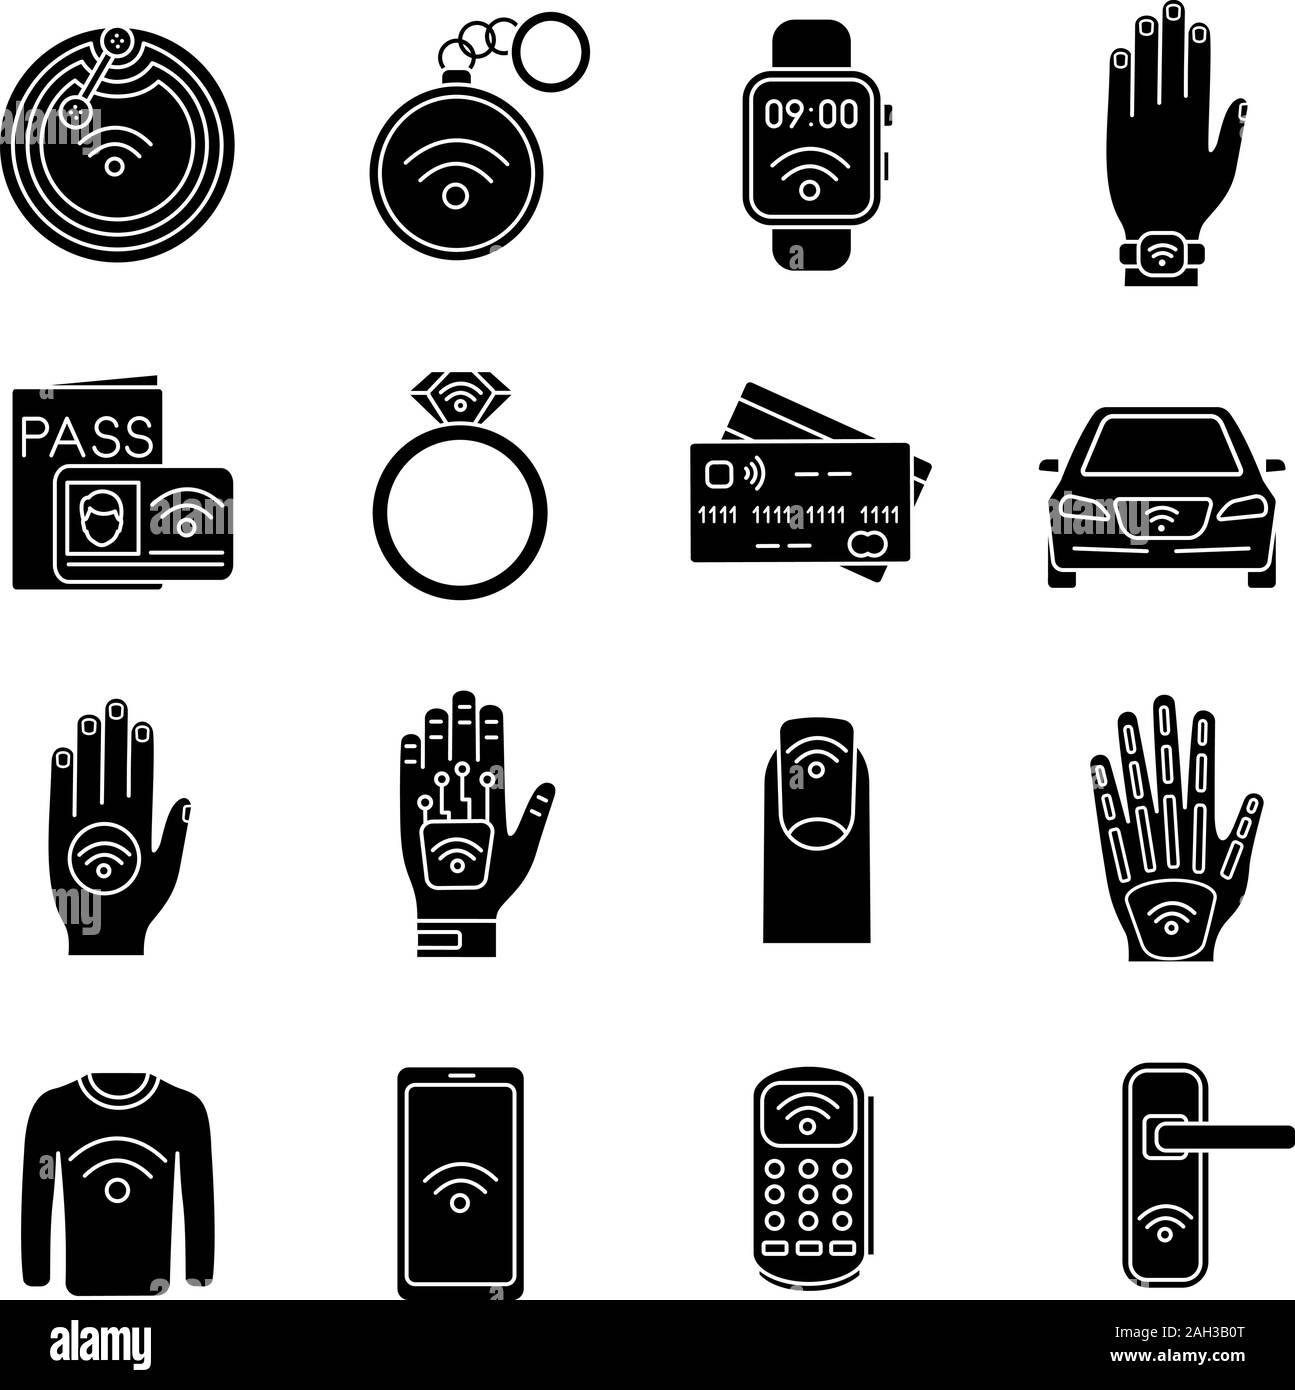 La technologie NFC glyphe icons set. La communication en champ proche. Tag RFID et NFC, autocollant, phone, bibelots, anneau, implant. La technologie sans contact. Silhouette Illustration de Vecteur